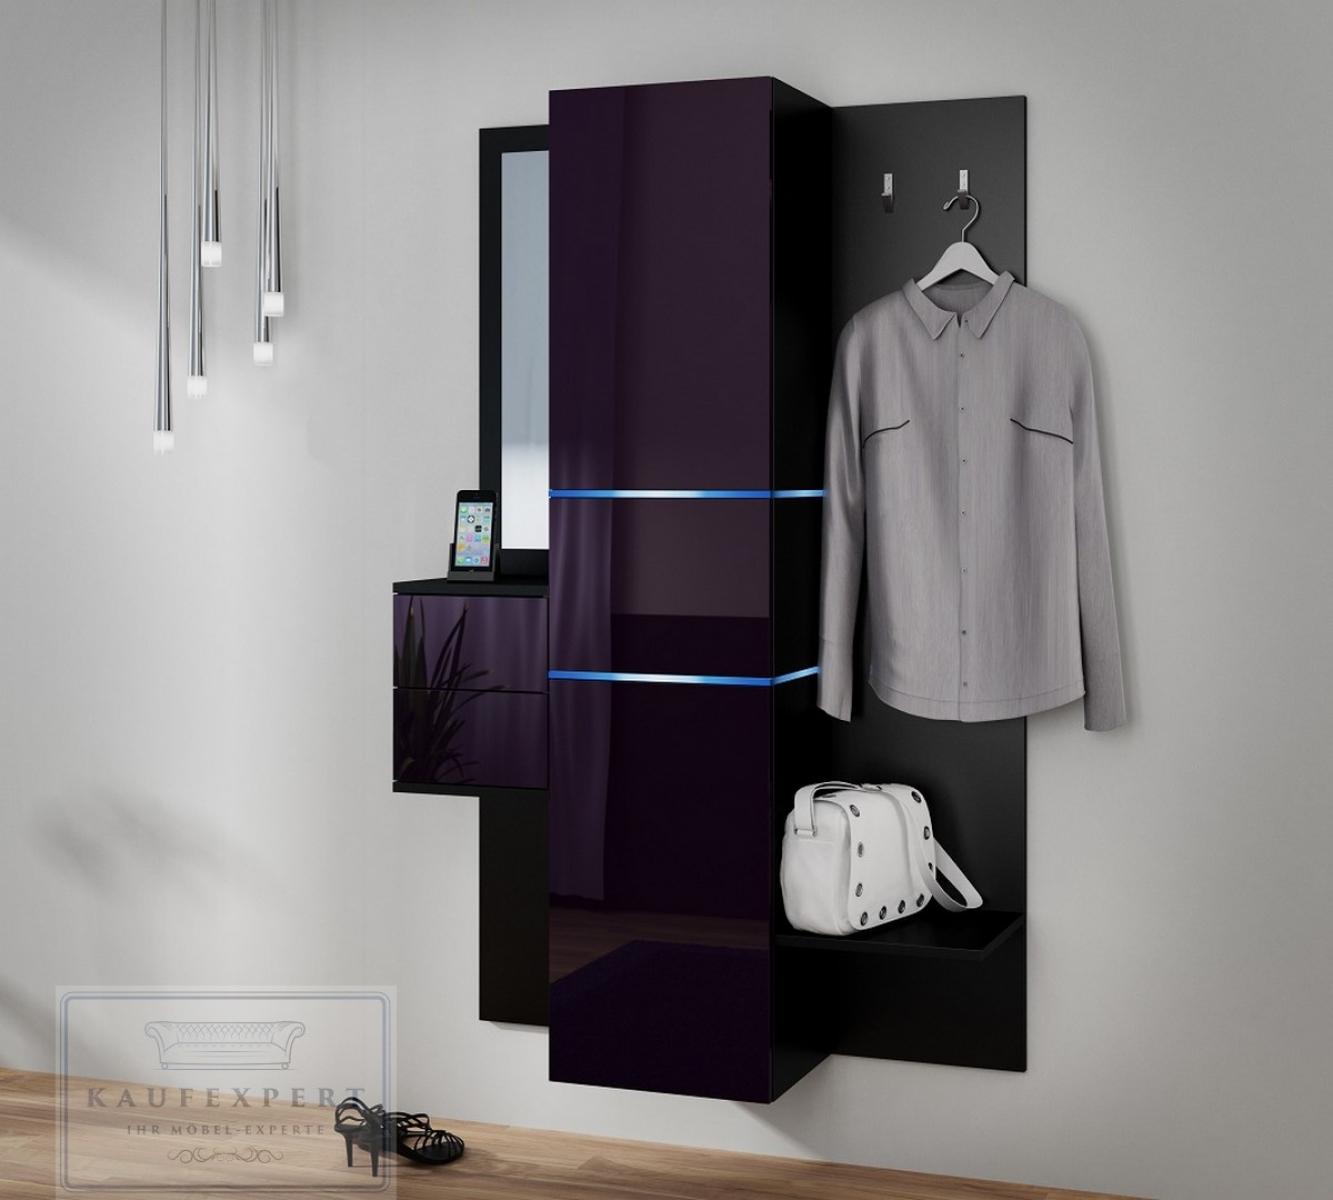 Kaufexpert garderobe camino aubergine hochglanz schwarz for Garderoben set mit spiegel